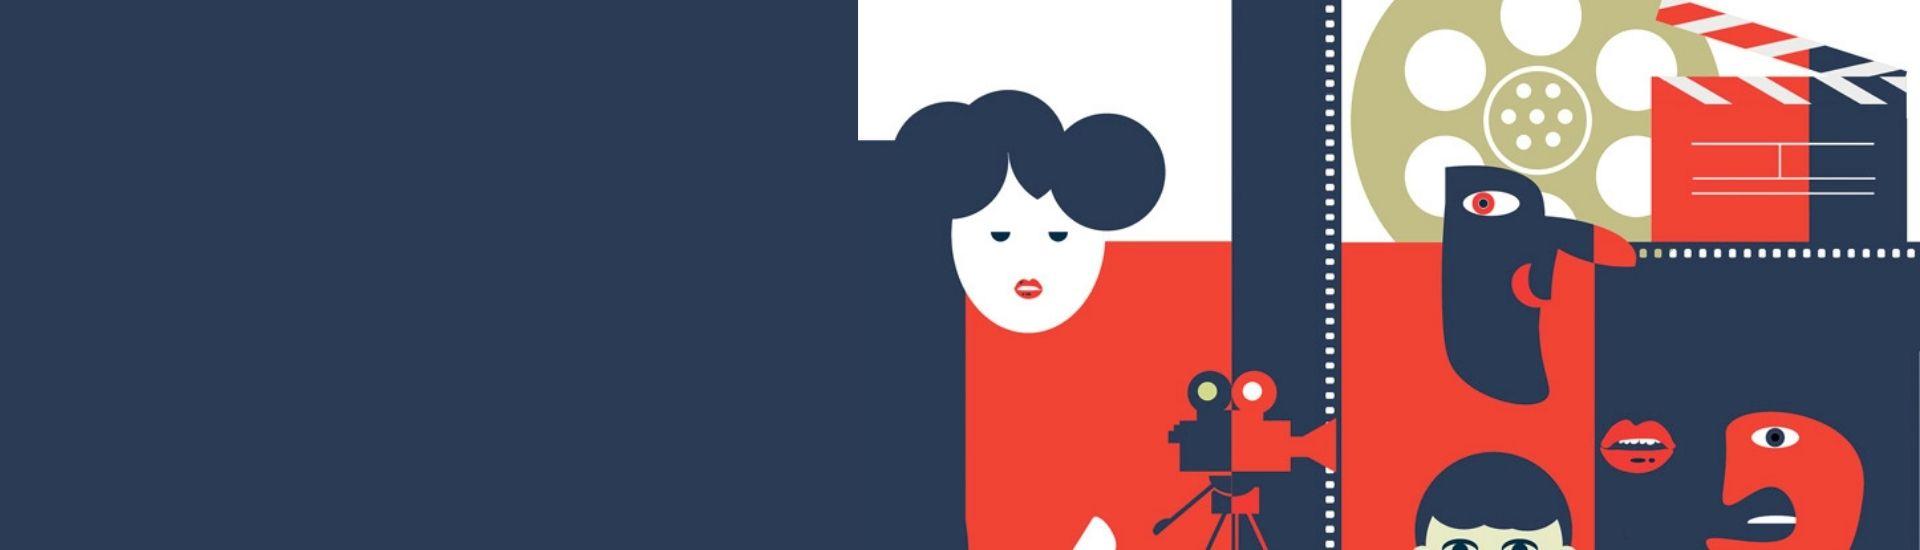 En la imagen se ve una ilustración abstracta de figuras referentes al cine